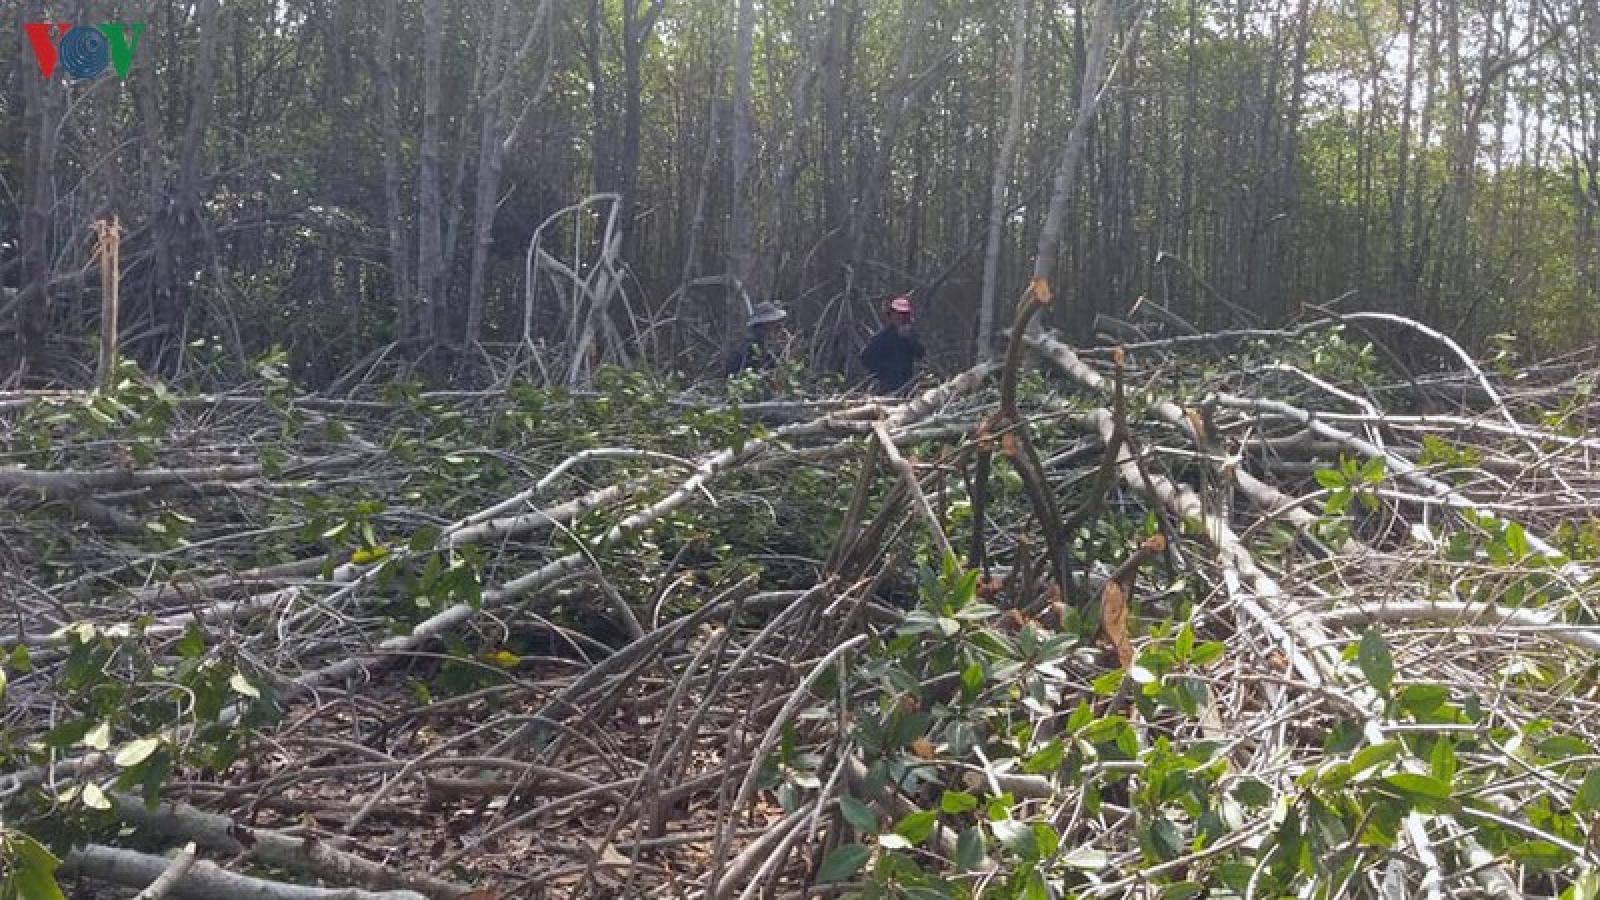 Tạm dừng dự án phá rừng phòng hộ, kiểm điểm tổ chức cá nhân vi phạm